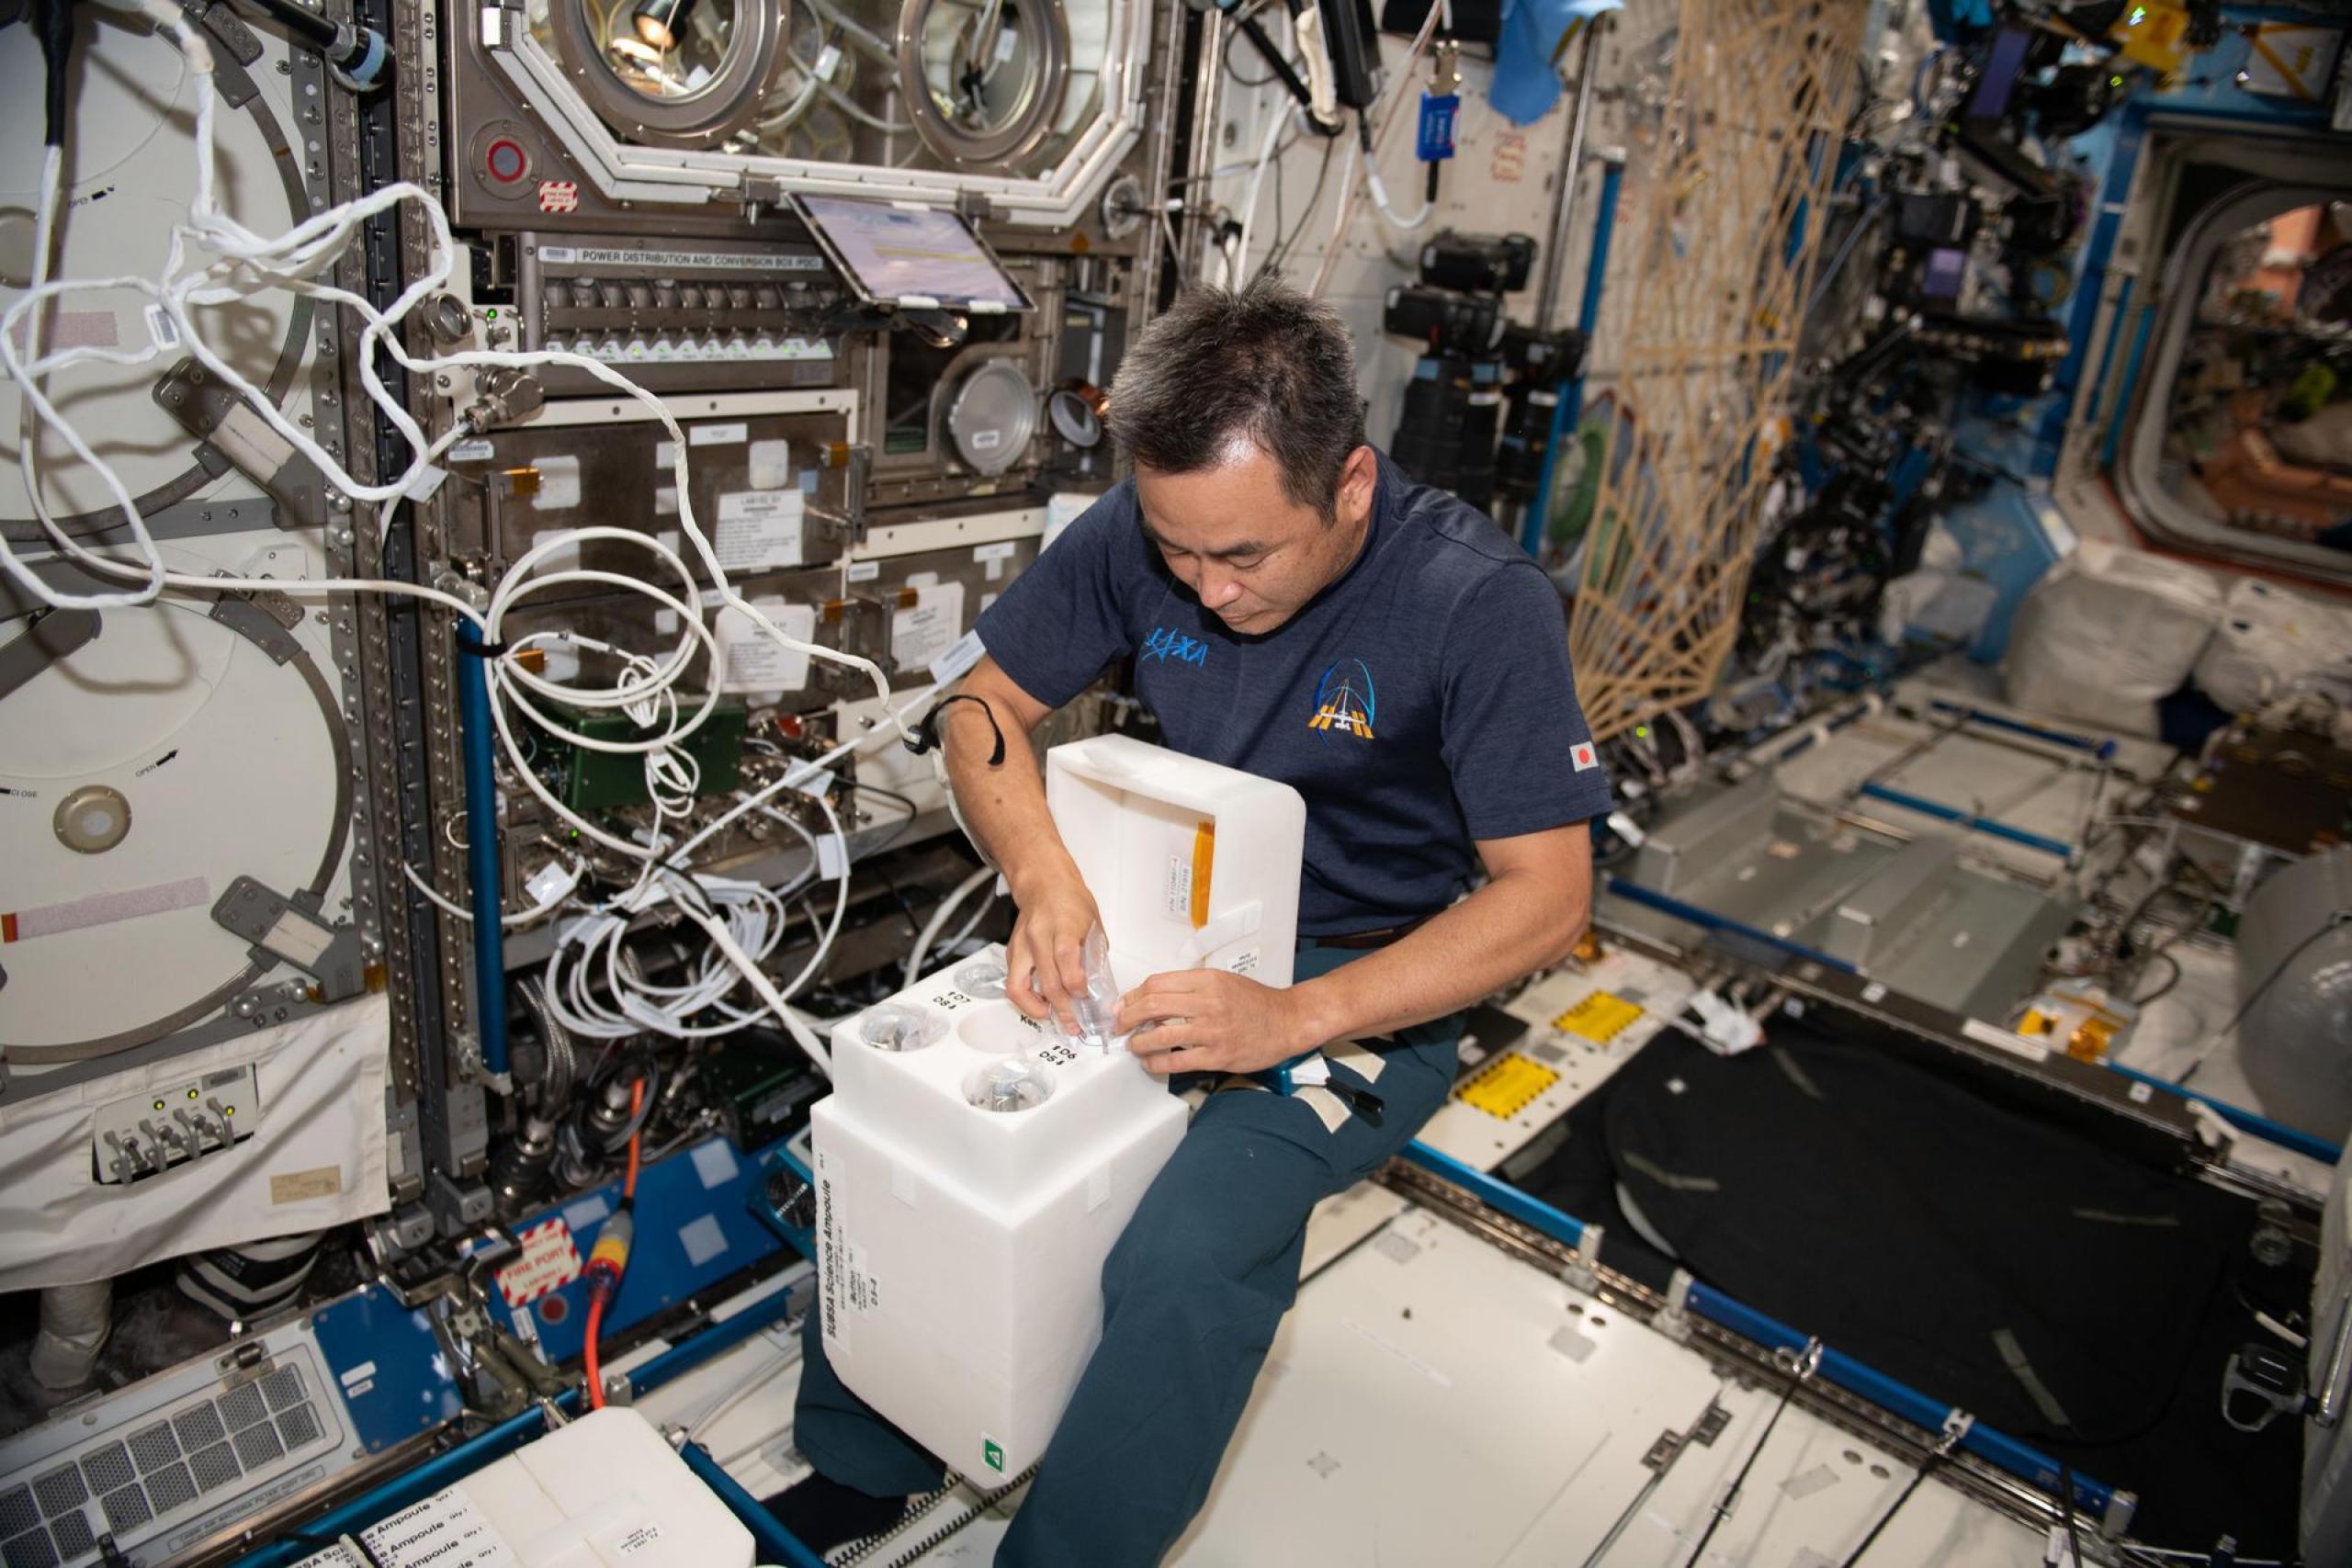 imagen de astronauta trabajando con hardware